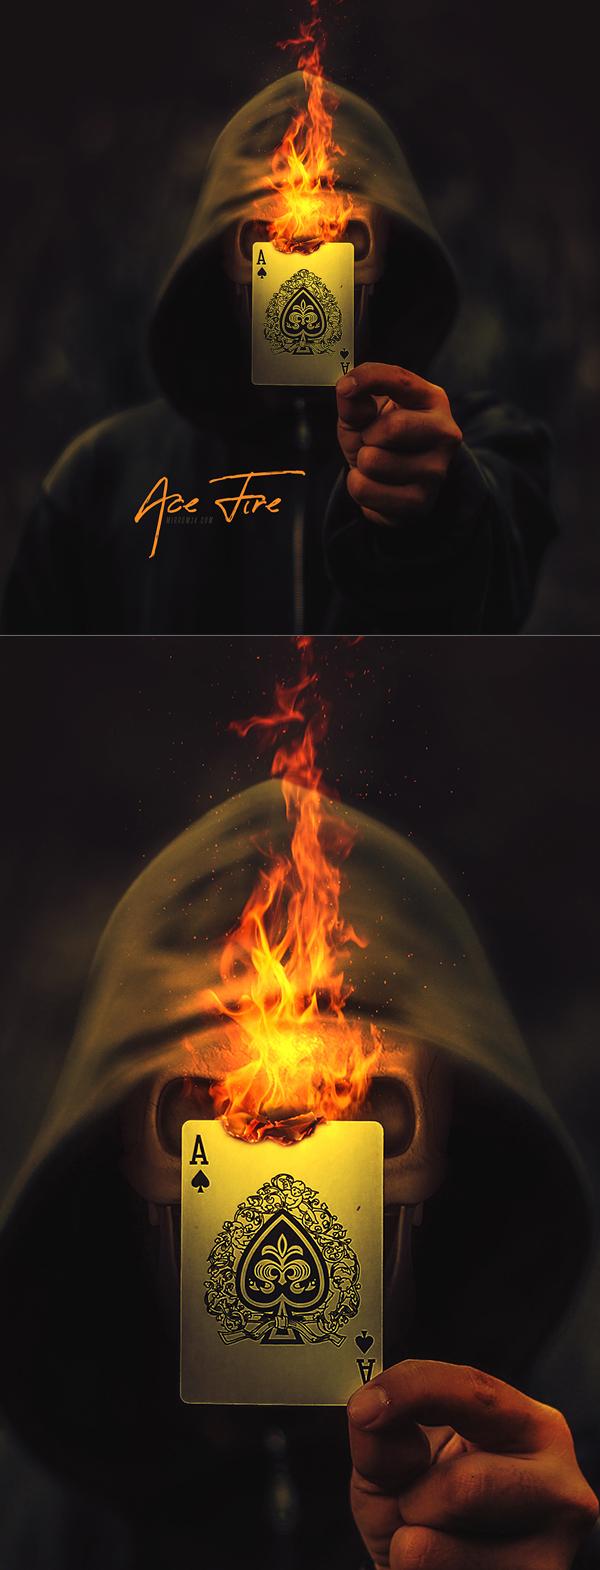 manipulación de fotos de Ace Fire